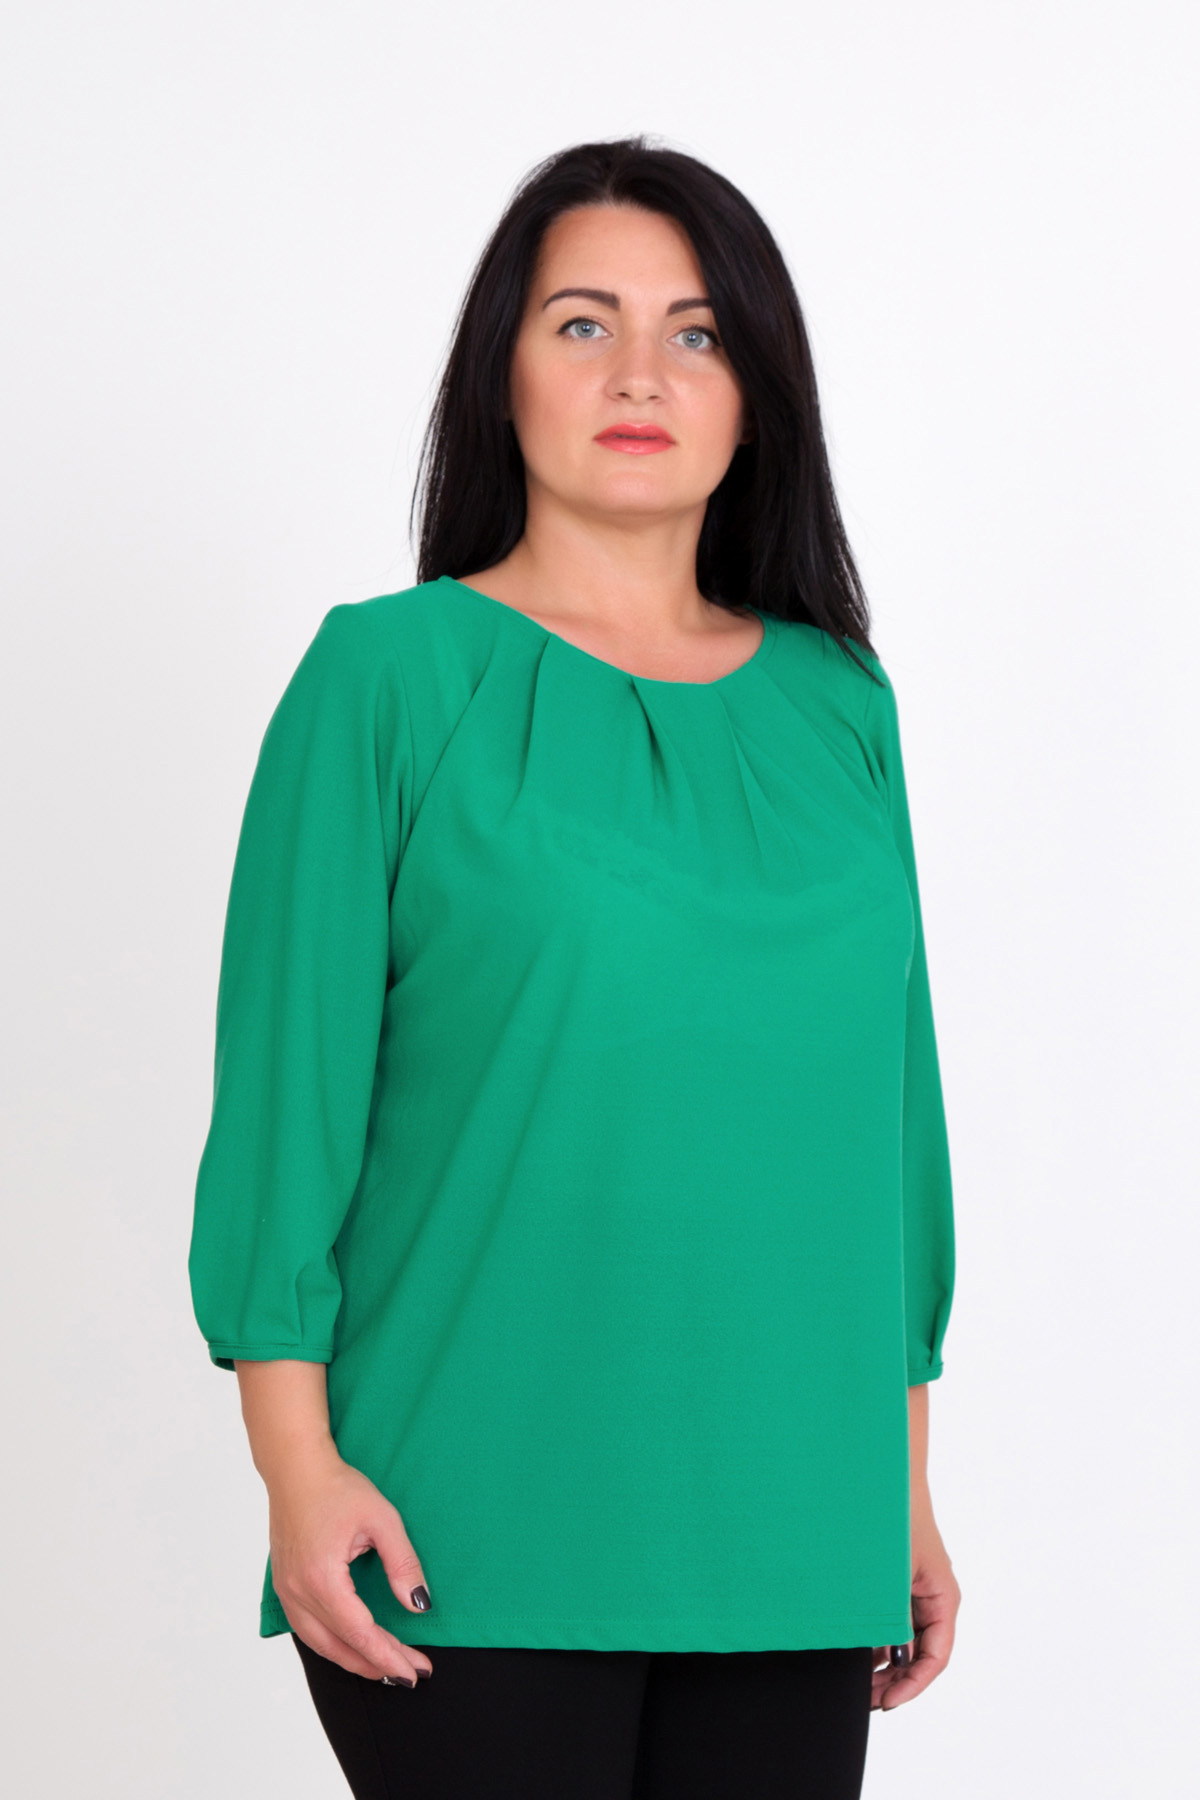 Жен. блуза Лайма р. 58Распродажа женской одежды<br>Обхват груди: 116 см <br>Обхват талии: 97 см <br>Обхват бедер: 124 см <br>Длина по спинке: 66 см <br>Рост: 167 см<br><br>Тип: Жен. блуза<br>Размер: 58<br>Материал: Креп